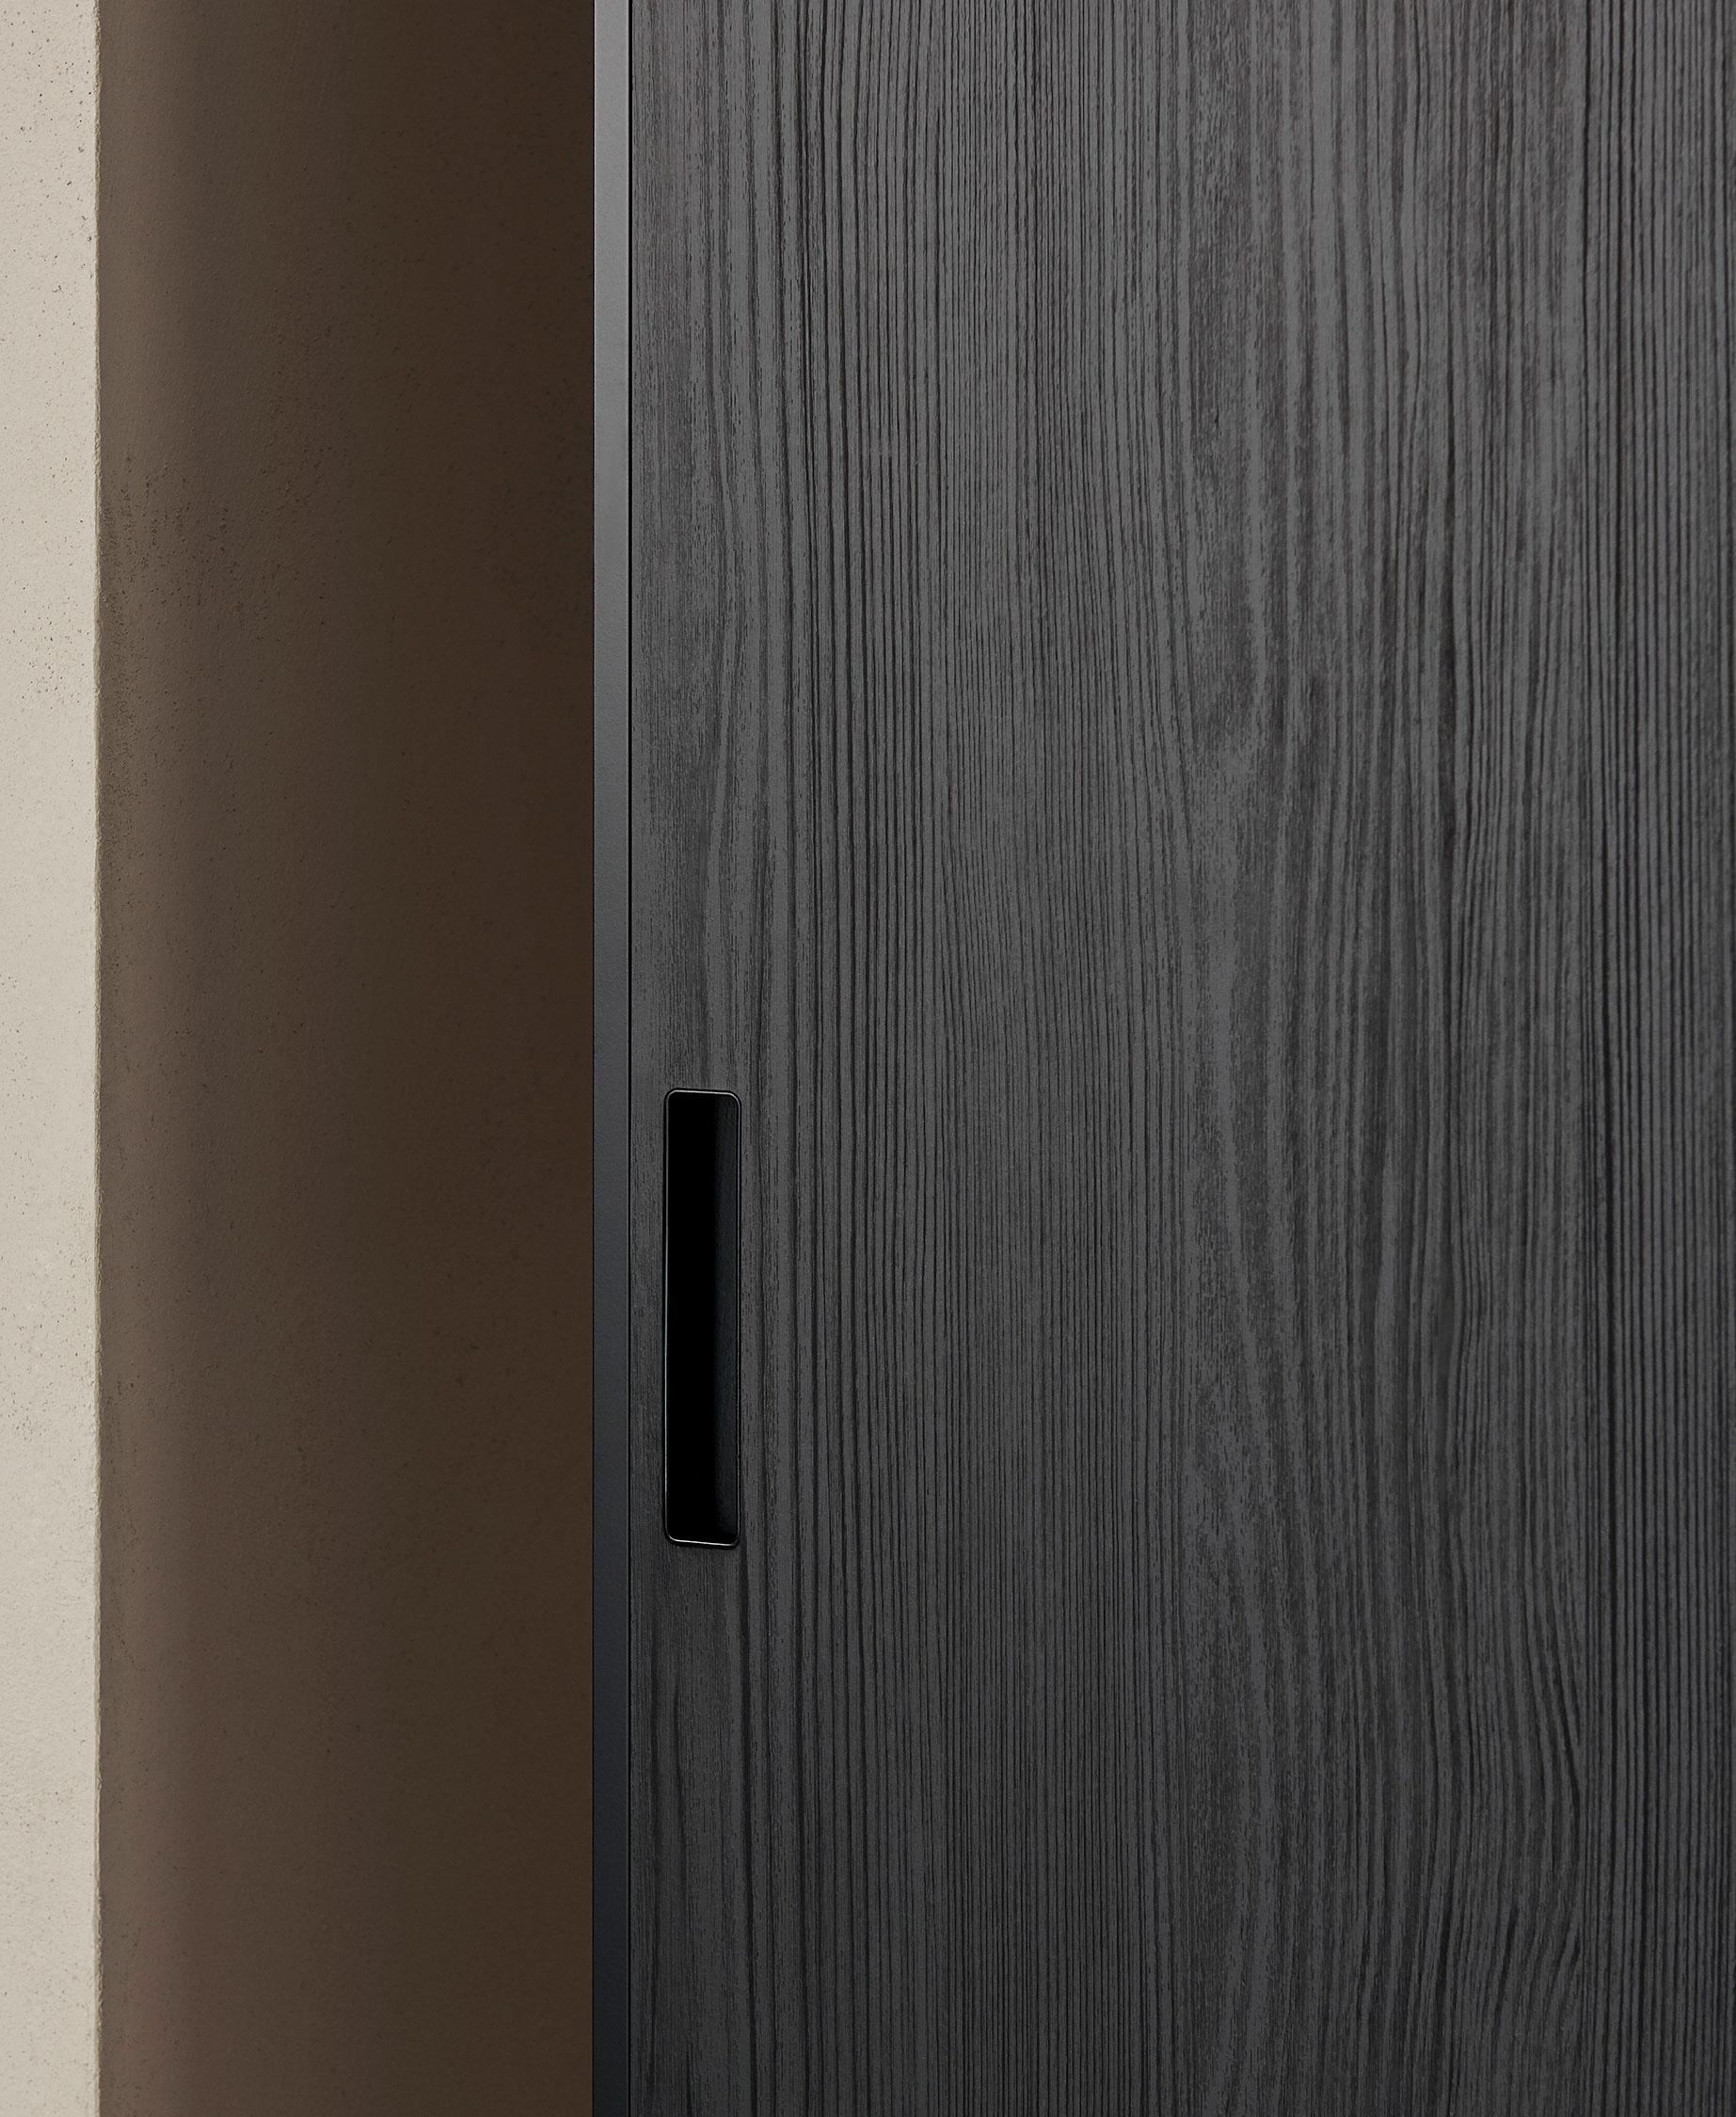 Porro, image:GLIDE, designed by: Piero Lissoni + Iaco Design Studio -